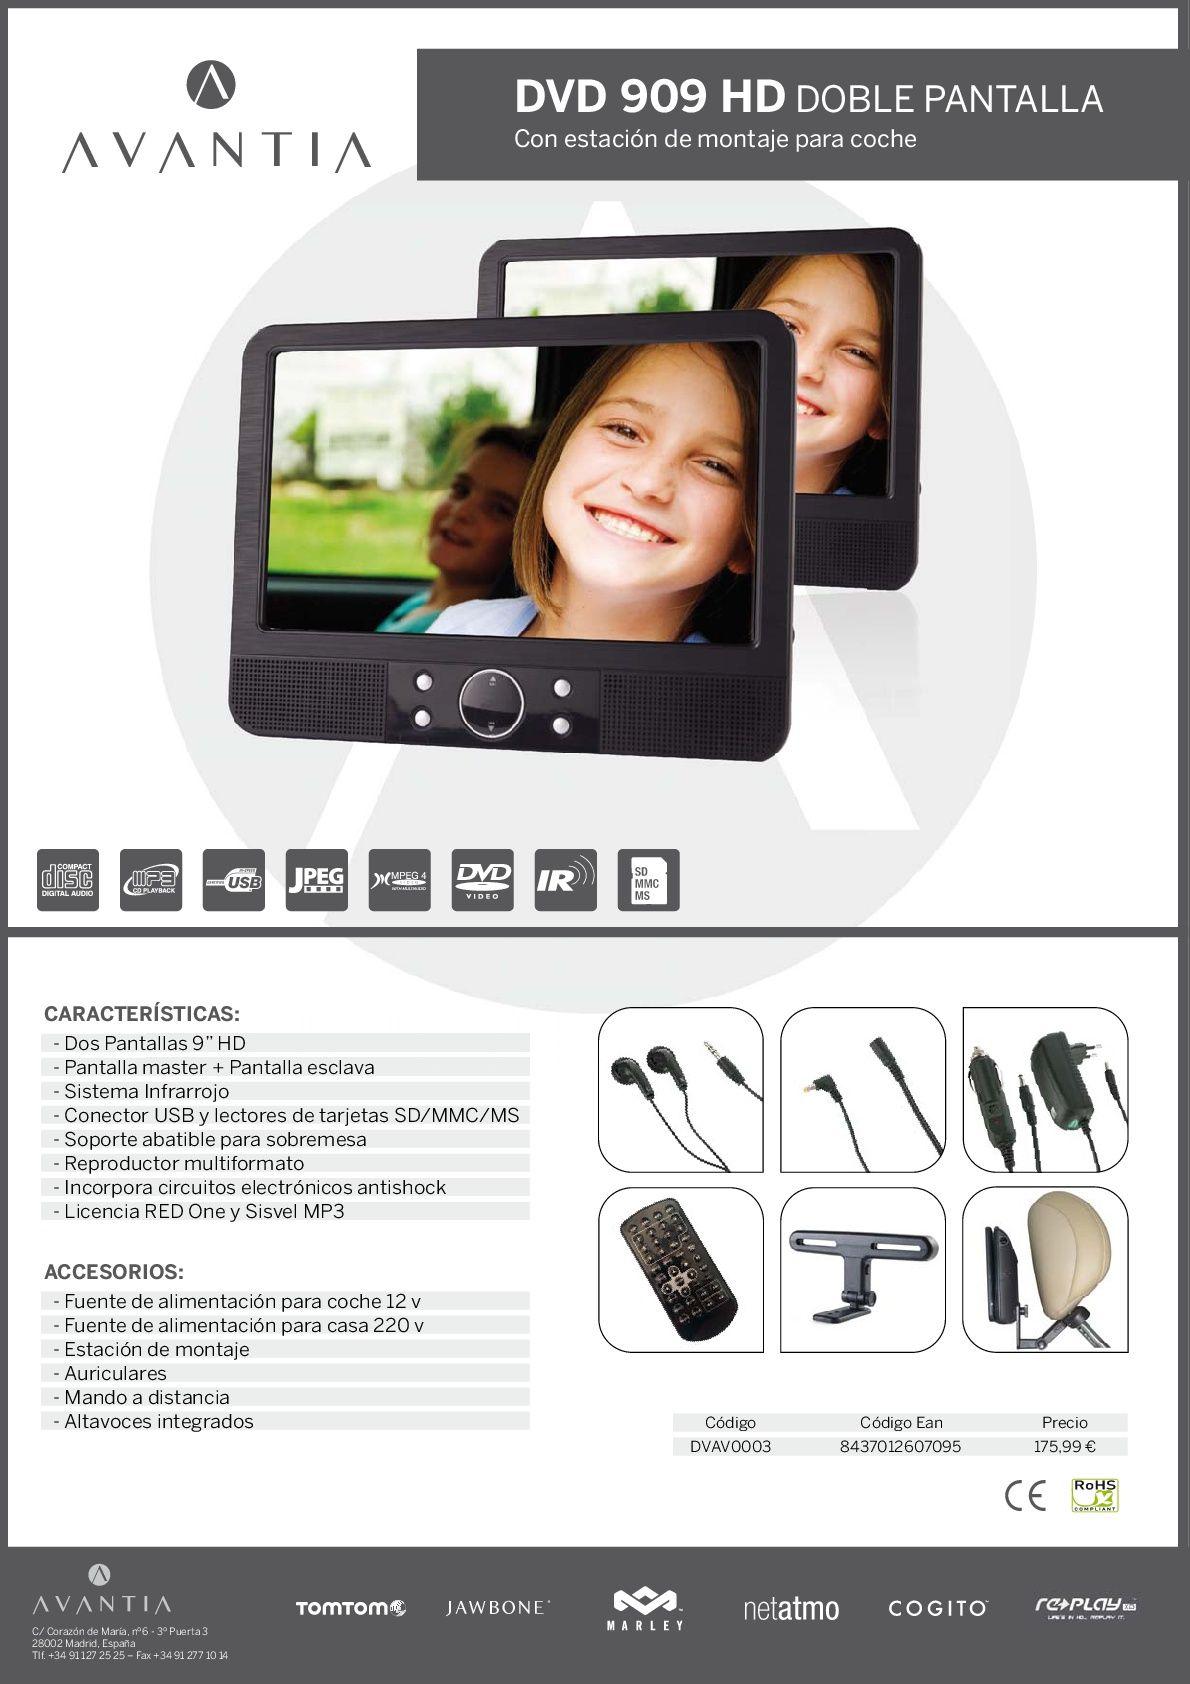 DVD AVANTIA 909 HD CON DOBLE PANTALLA Y ESTACIÓN DE MONTAJE         PVP: 169,00€